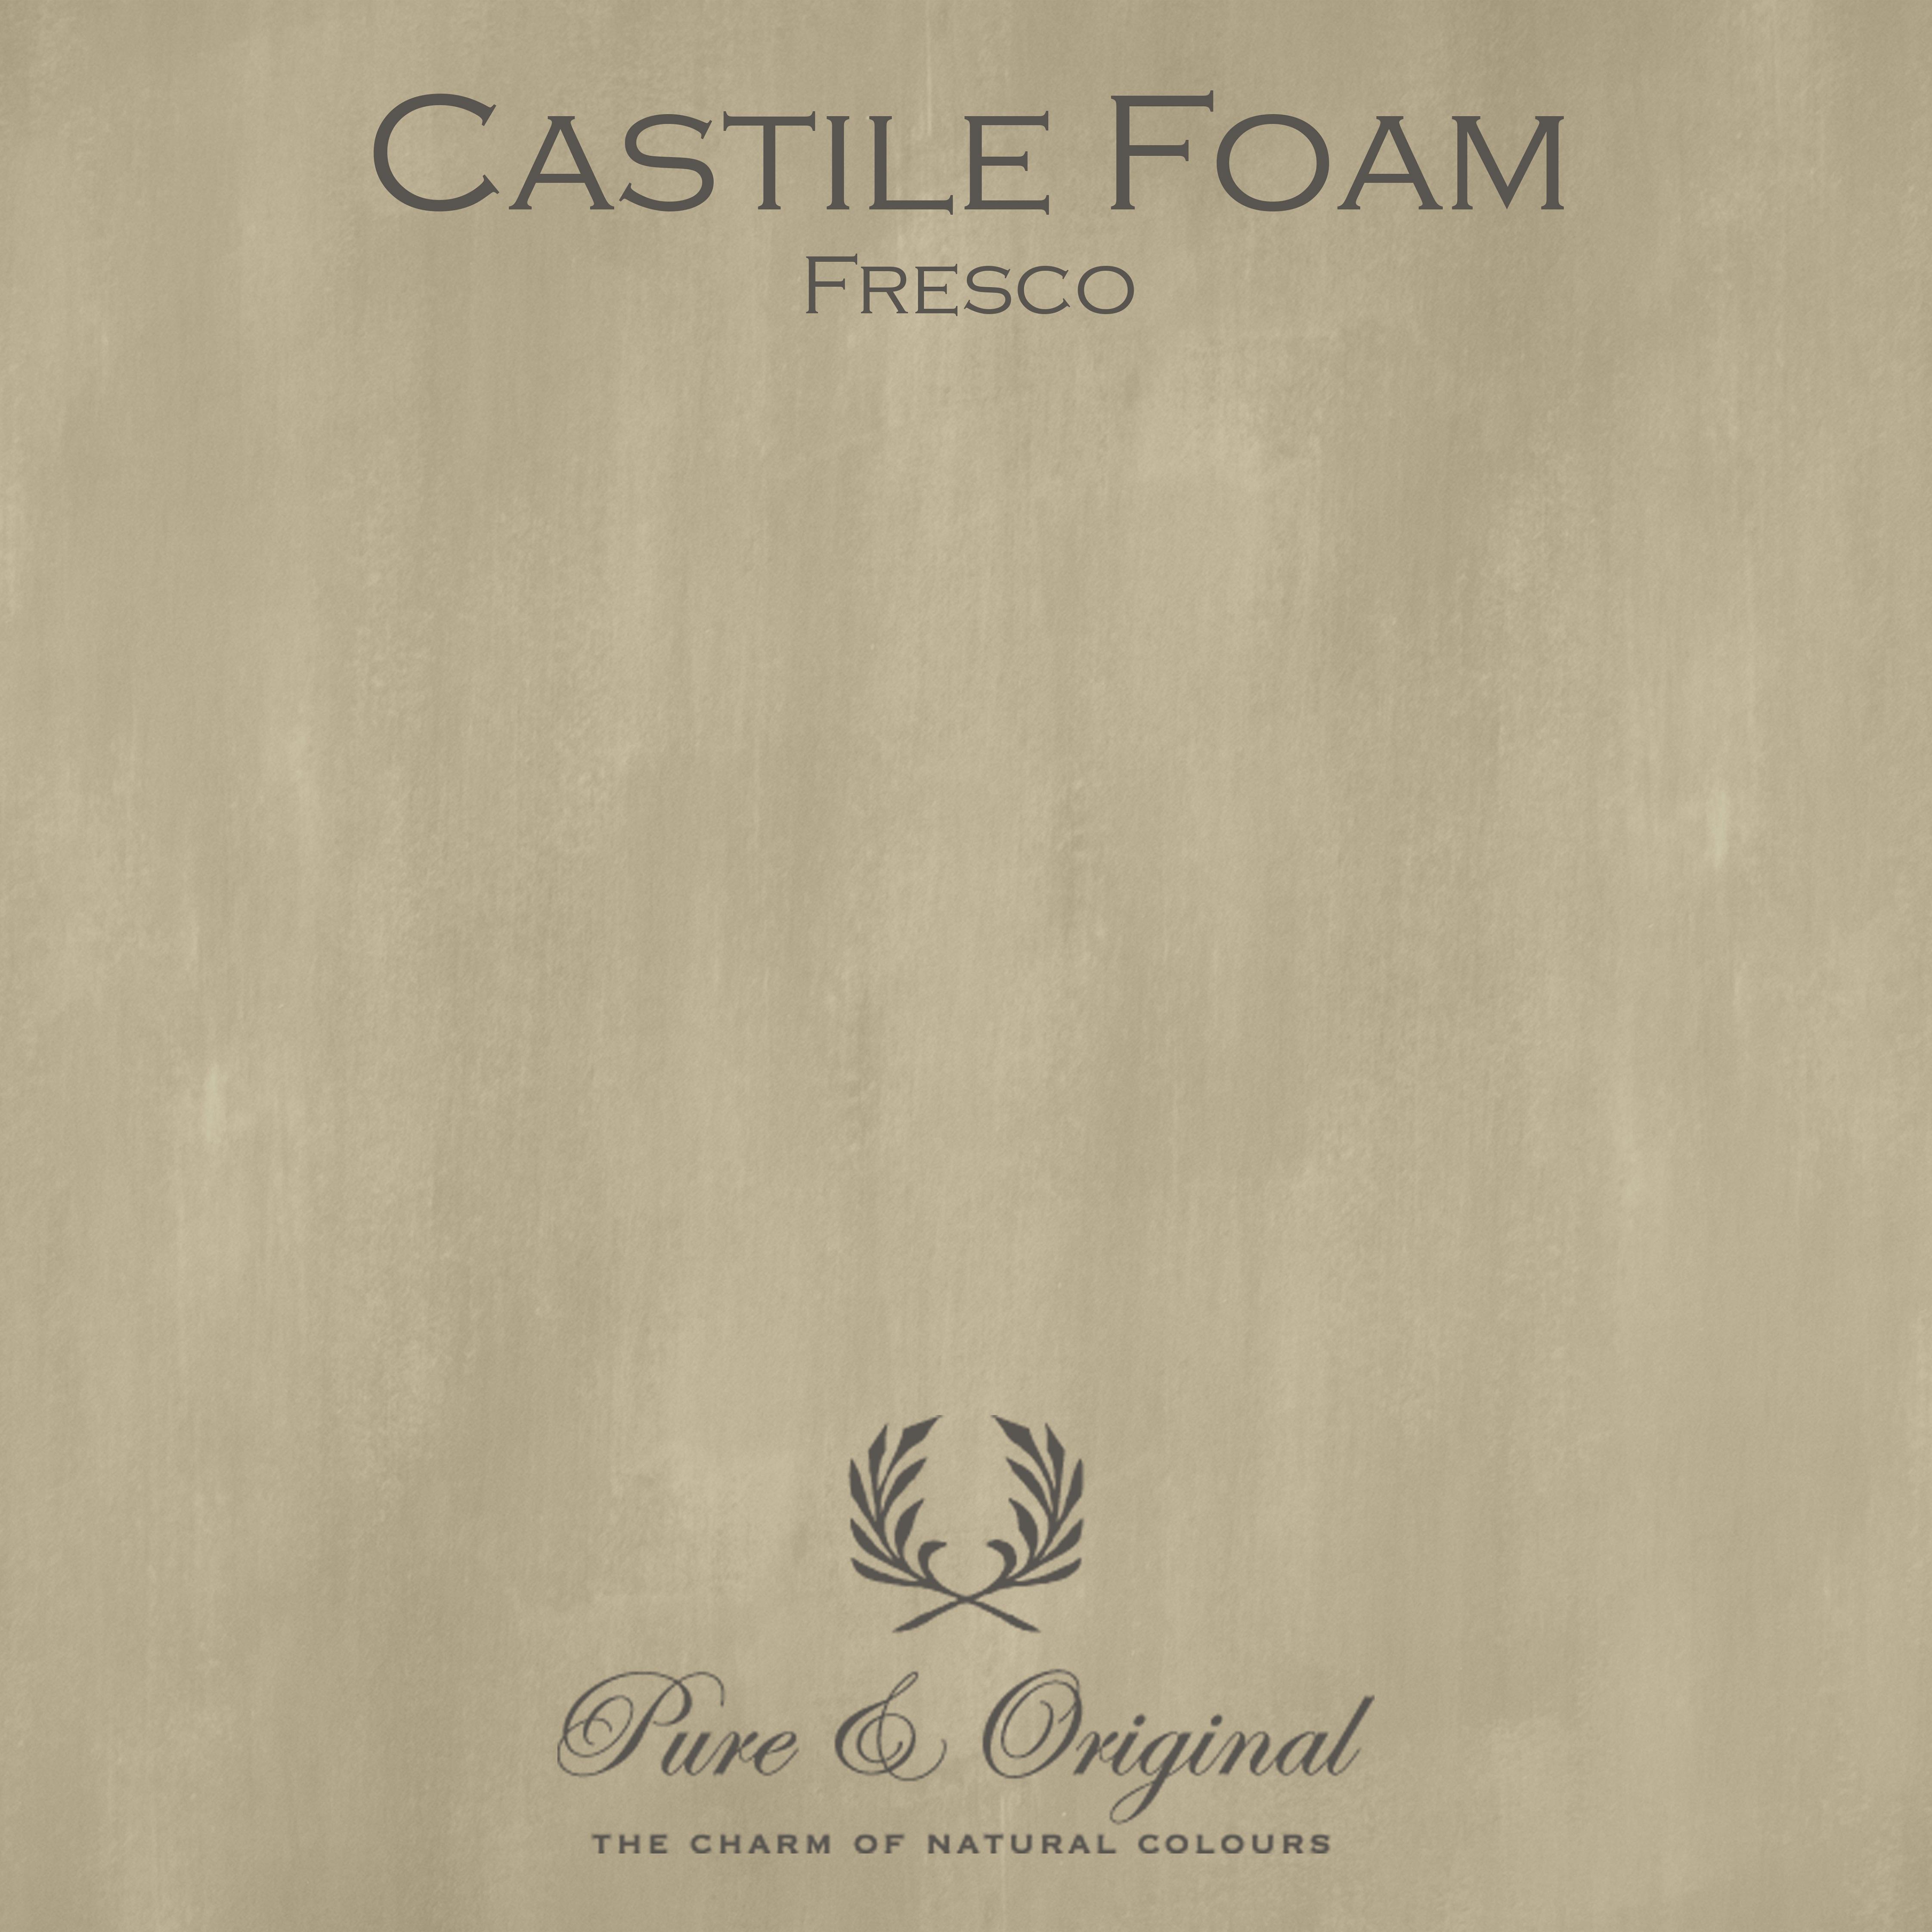 Kulör Castile Foam, Fresco kalkfärg